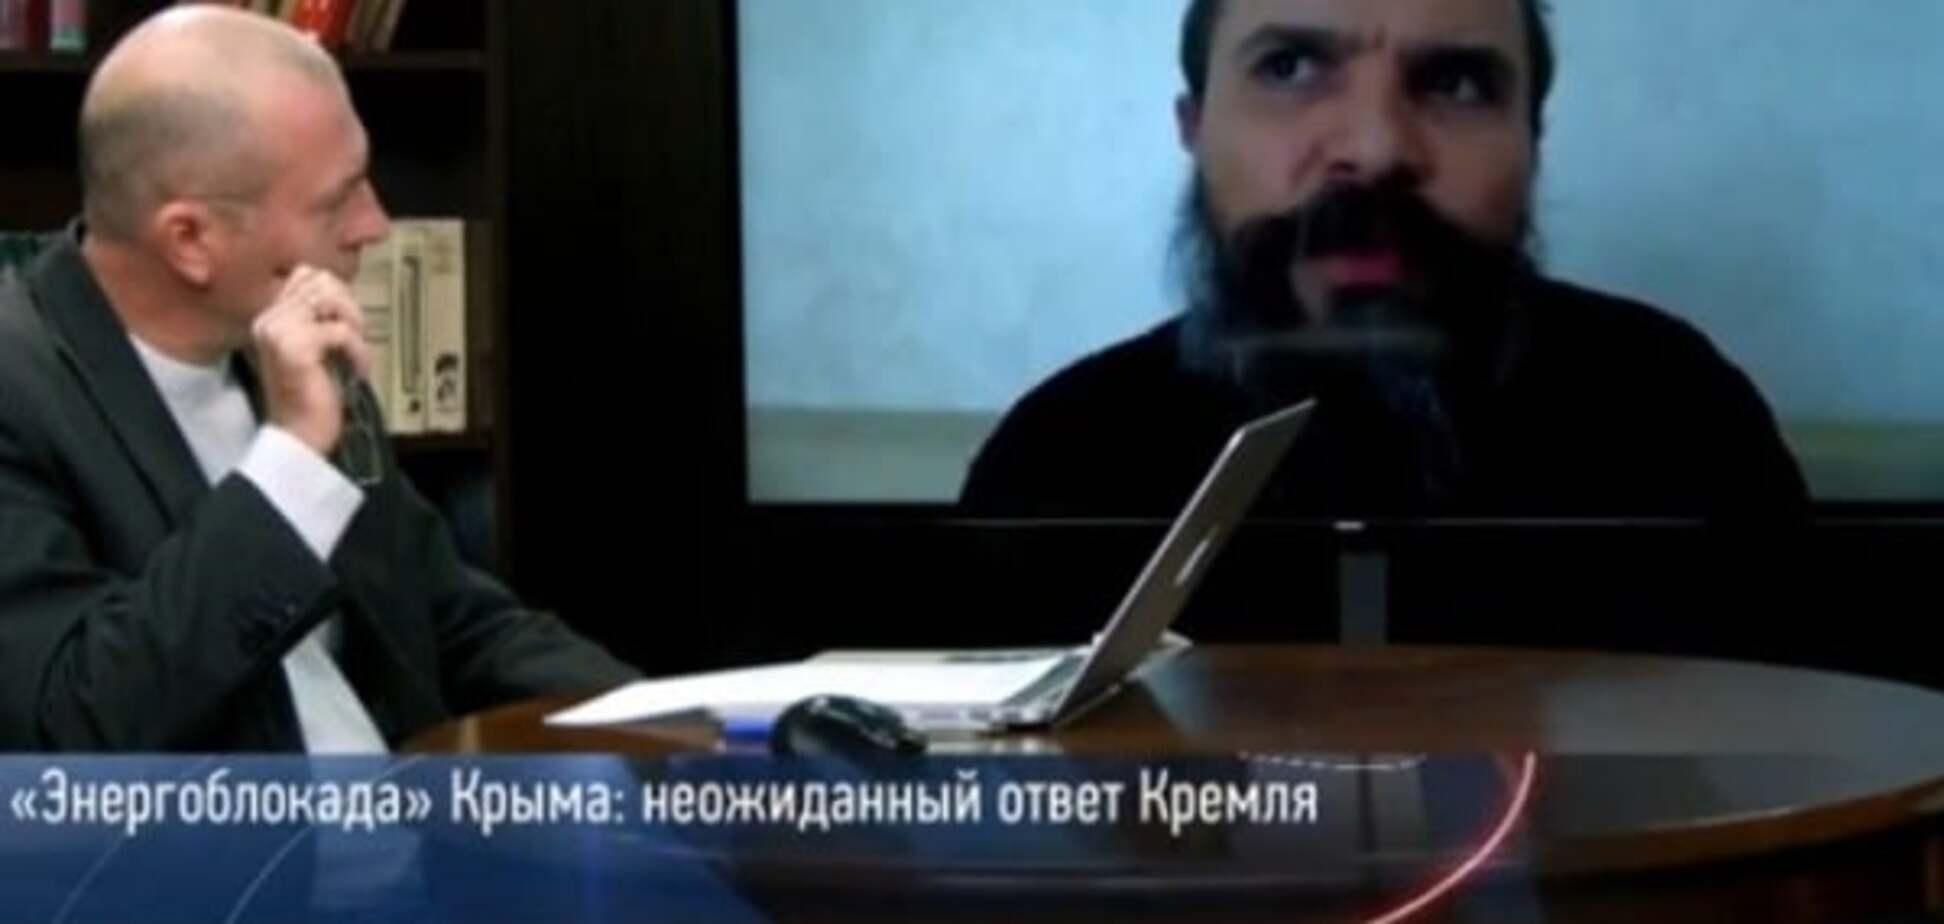 Голышев назвал Суркова 'информационным Моторолой' и доказал, что тот пользуется 'мылом'